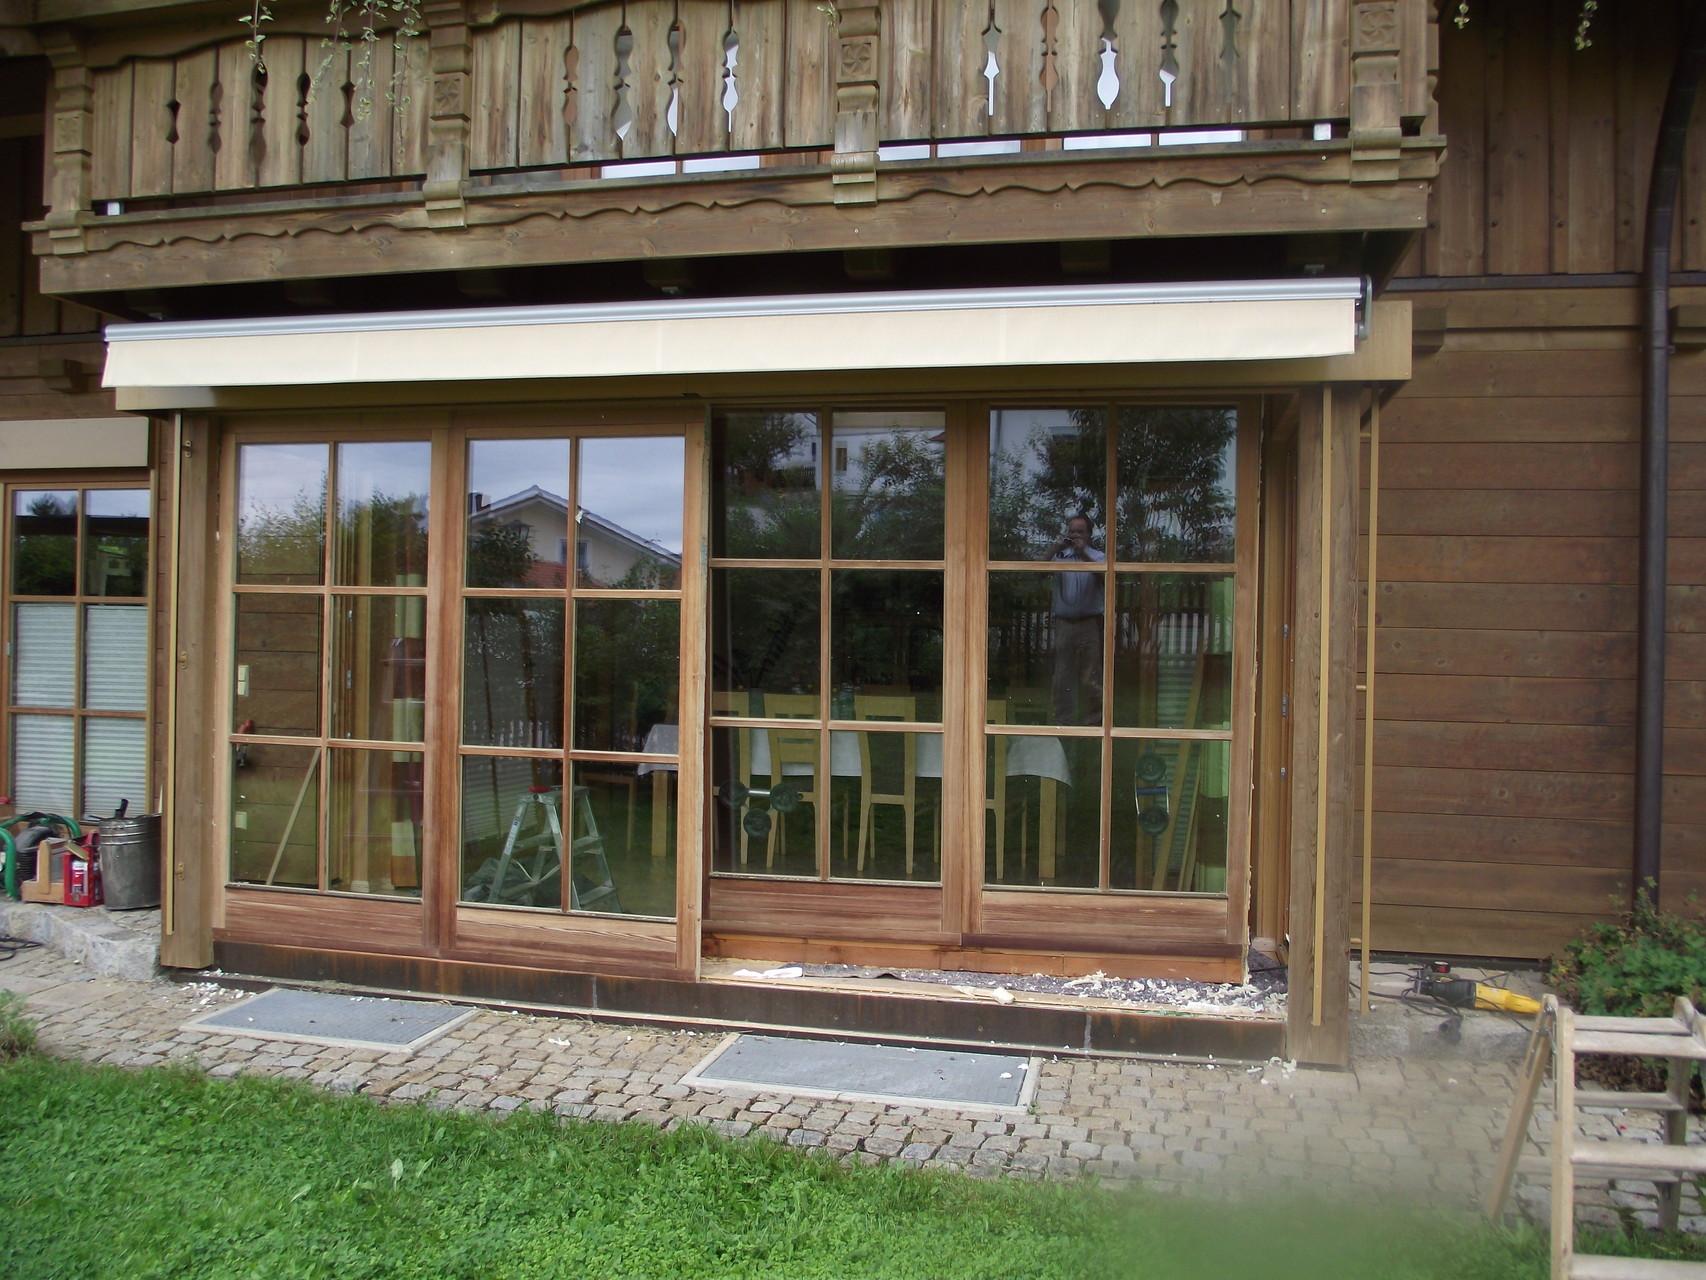 Fenstertür-Schiebe-Element vorher